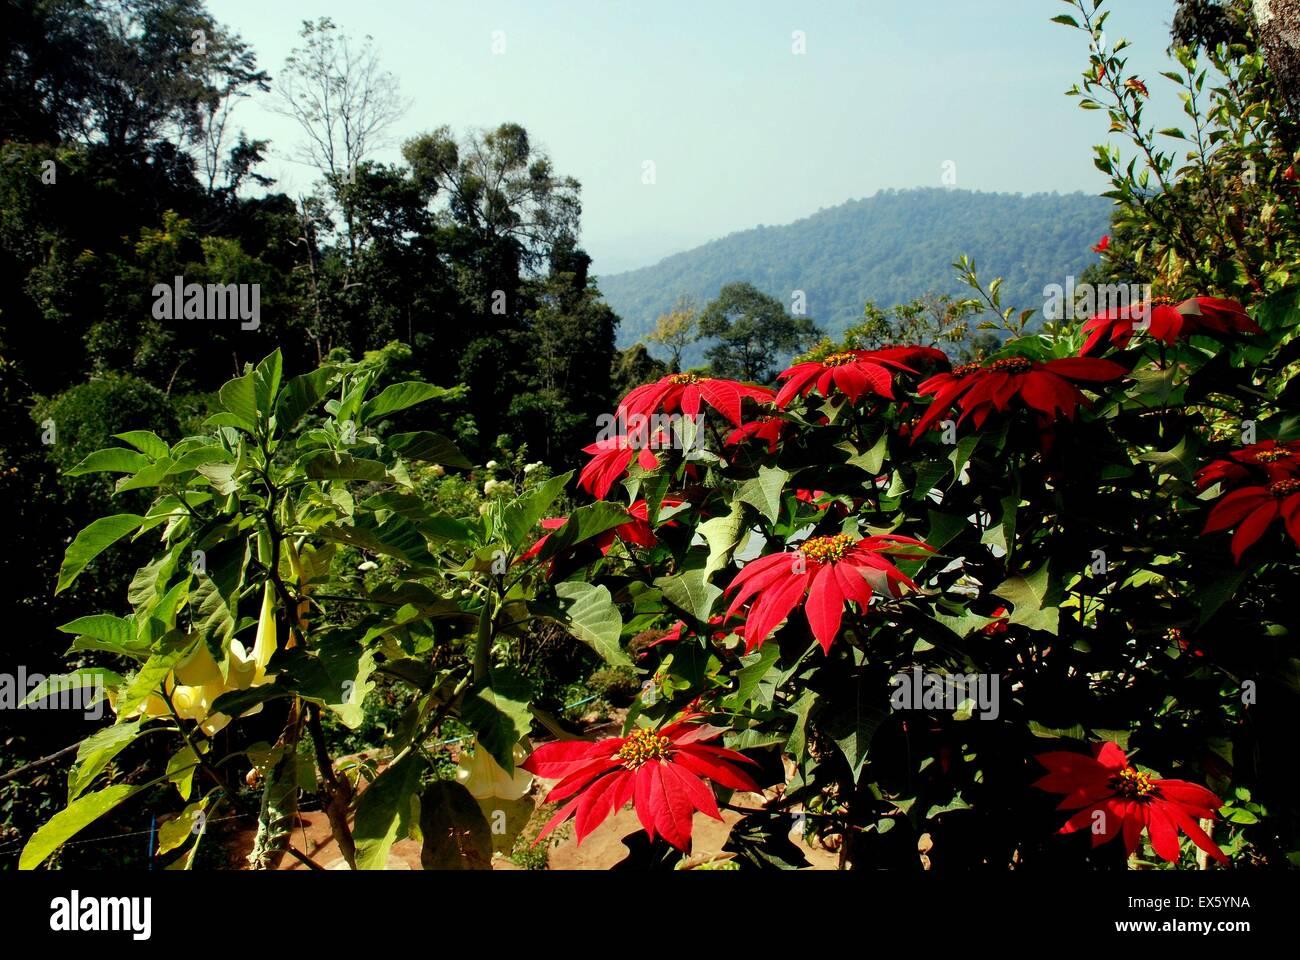 Poi Doi, Thaïlande : : Poinsettias rouge fleurs de jardin à flanc de ...